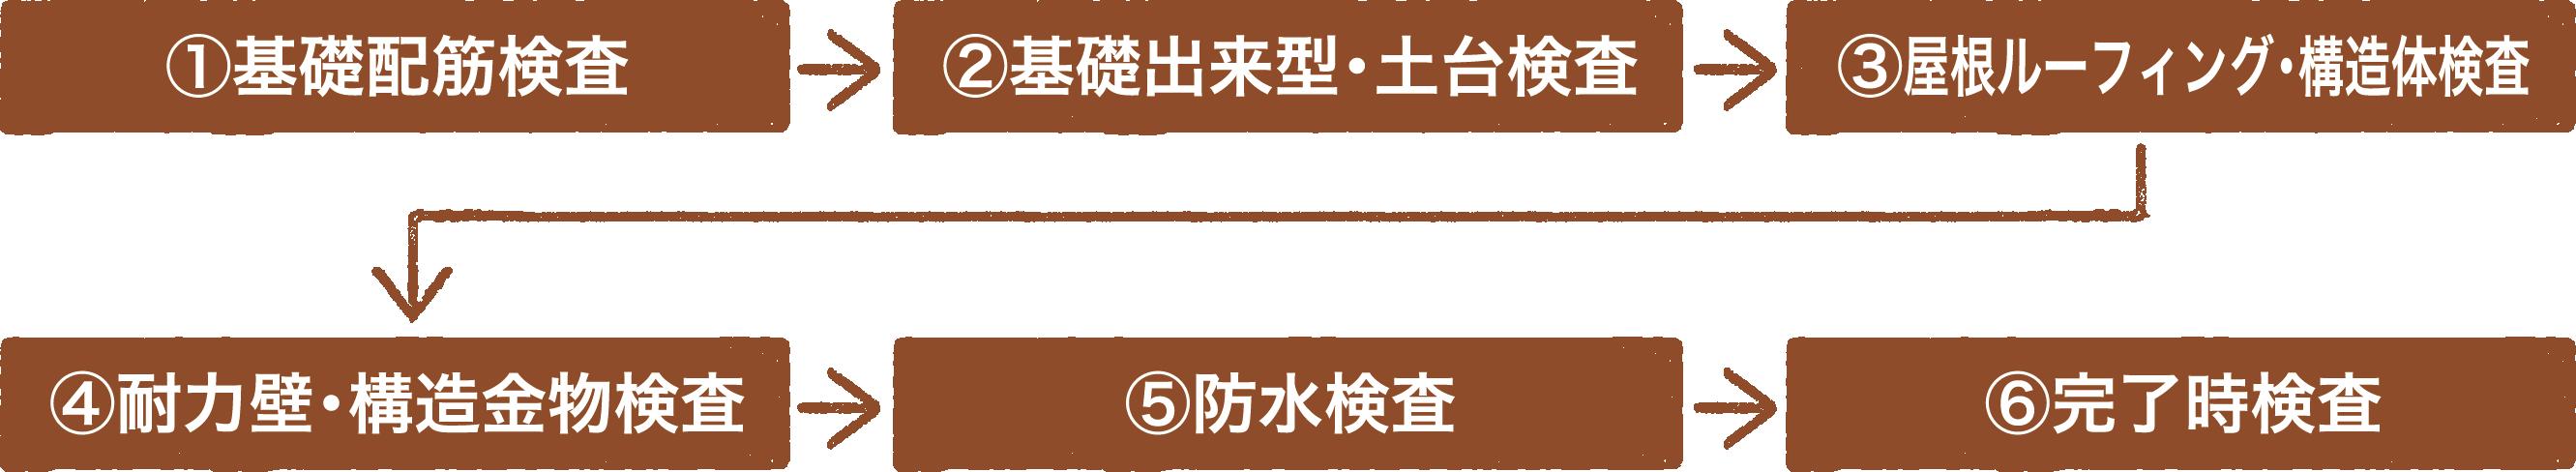 (1)基礎配筋検査・(2)基礎出来型土台検査・(3)屋根ルーフィング構造体検査・(4)耐力壁構造金物検査・(5)防水検査・(6)完了時検査